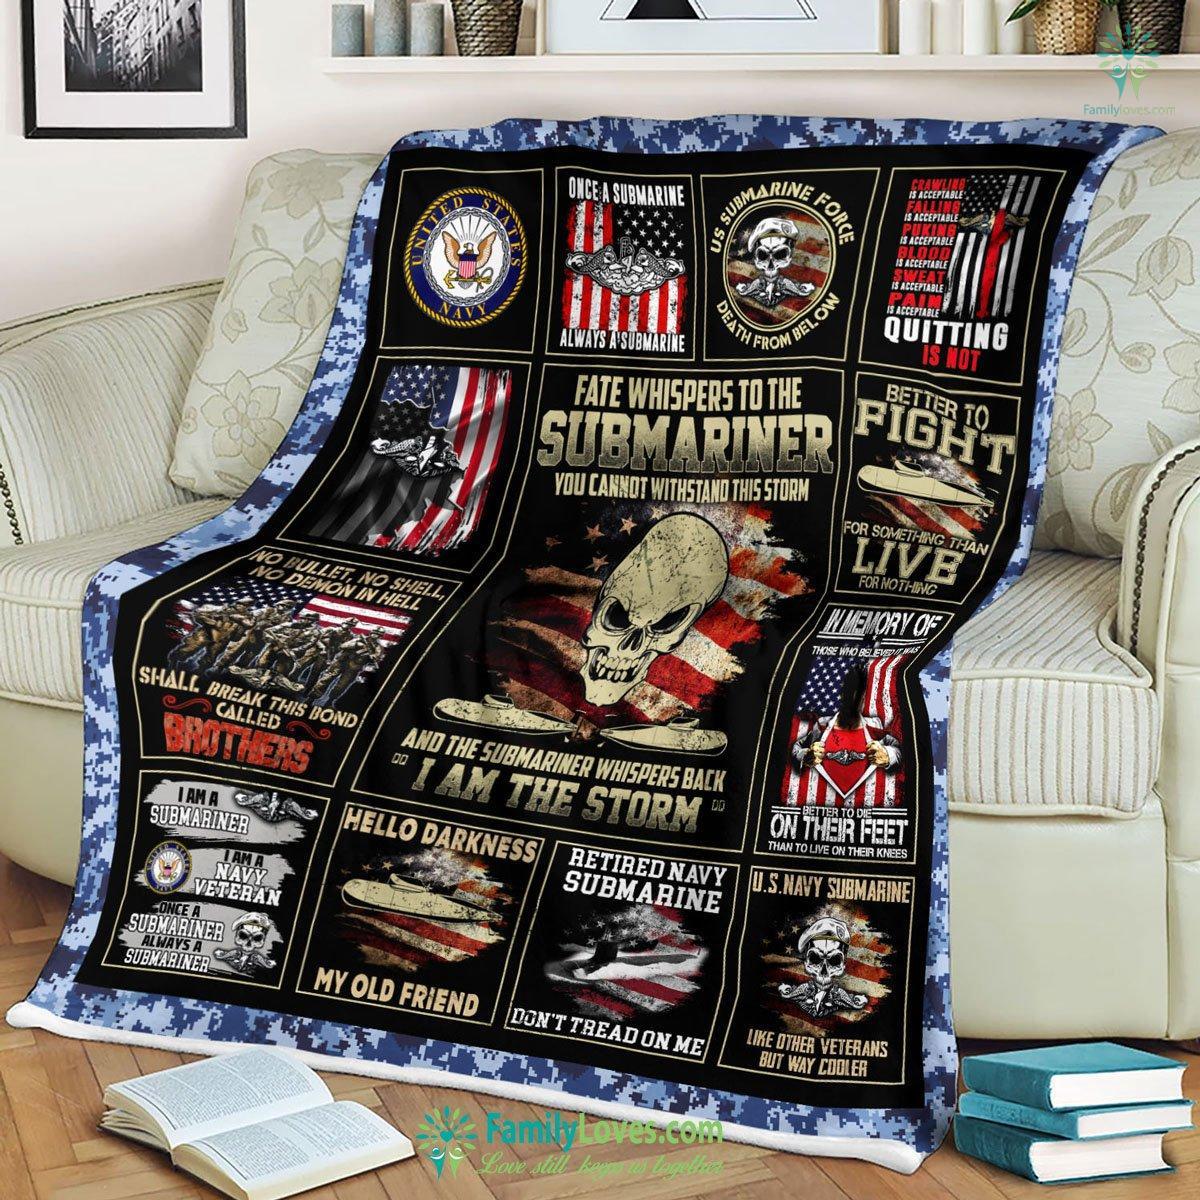 Us Navy Submarine D Printing Ntt Qhn Blanket 17 Familyloves.com